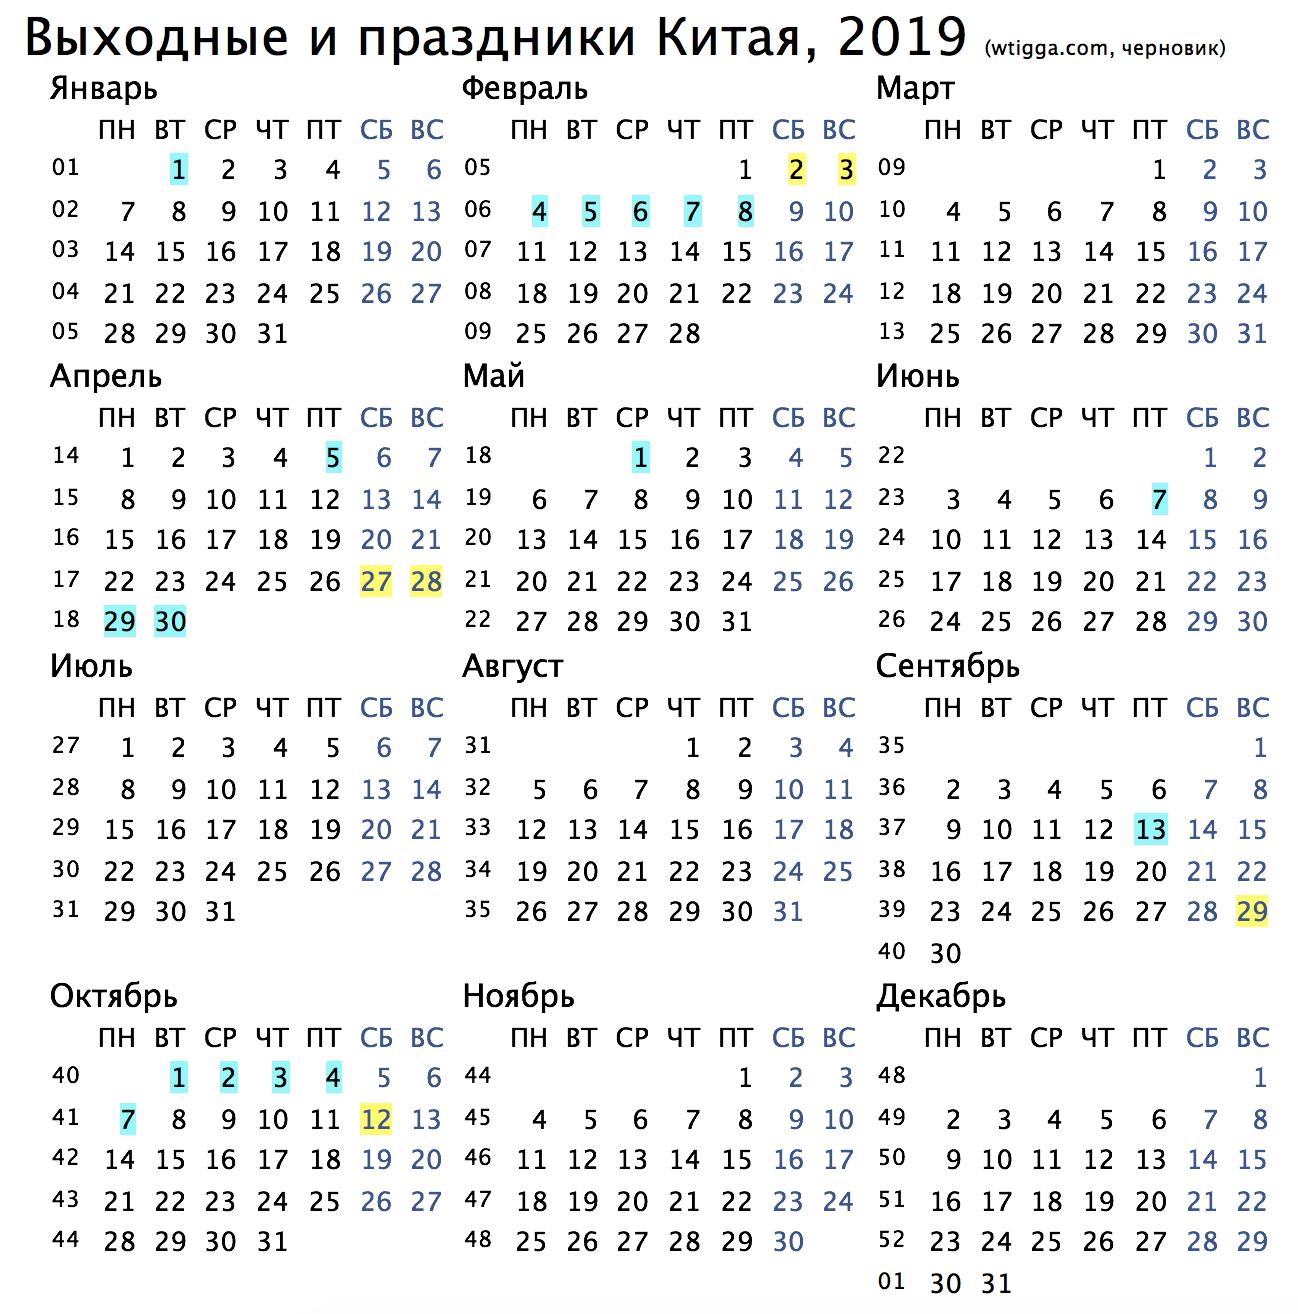 Календарь праздников июня 2019 - выходные и рабочие дни новые фото